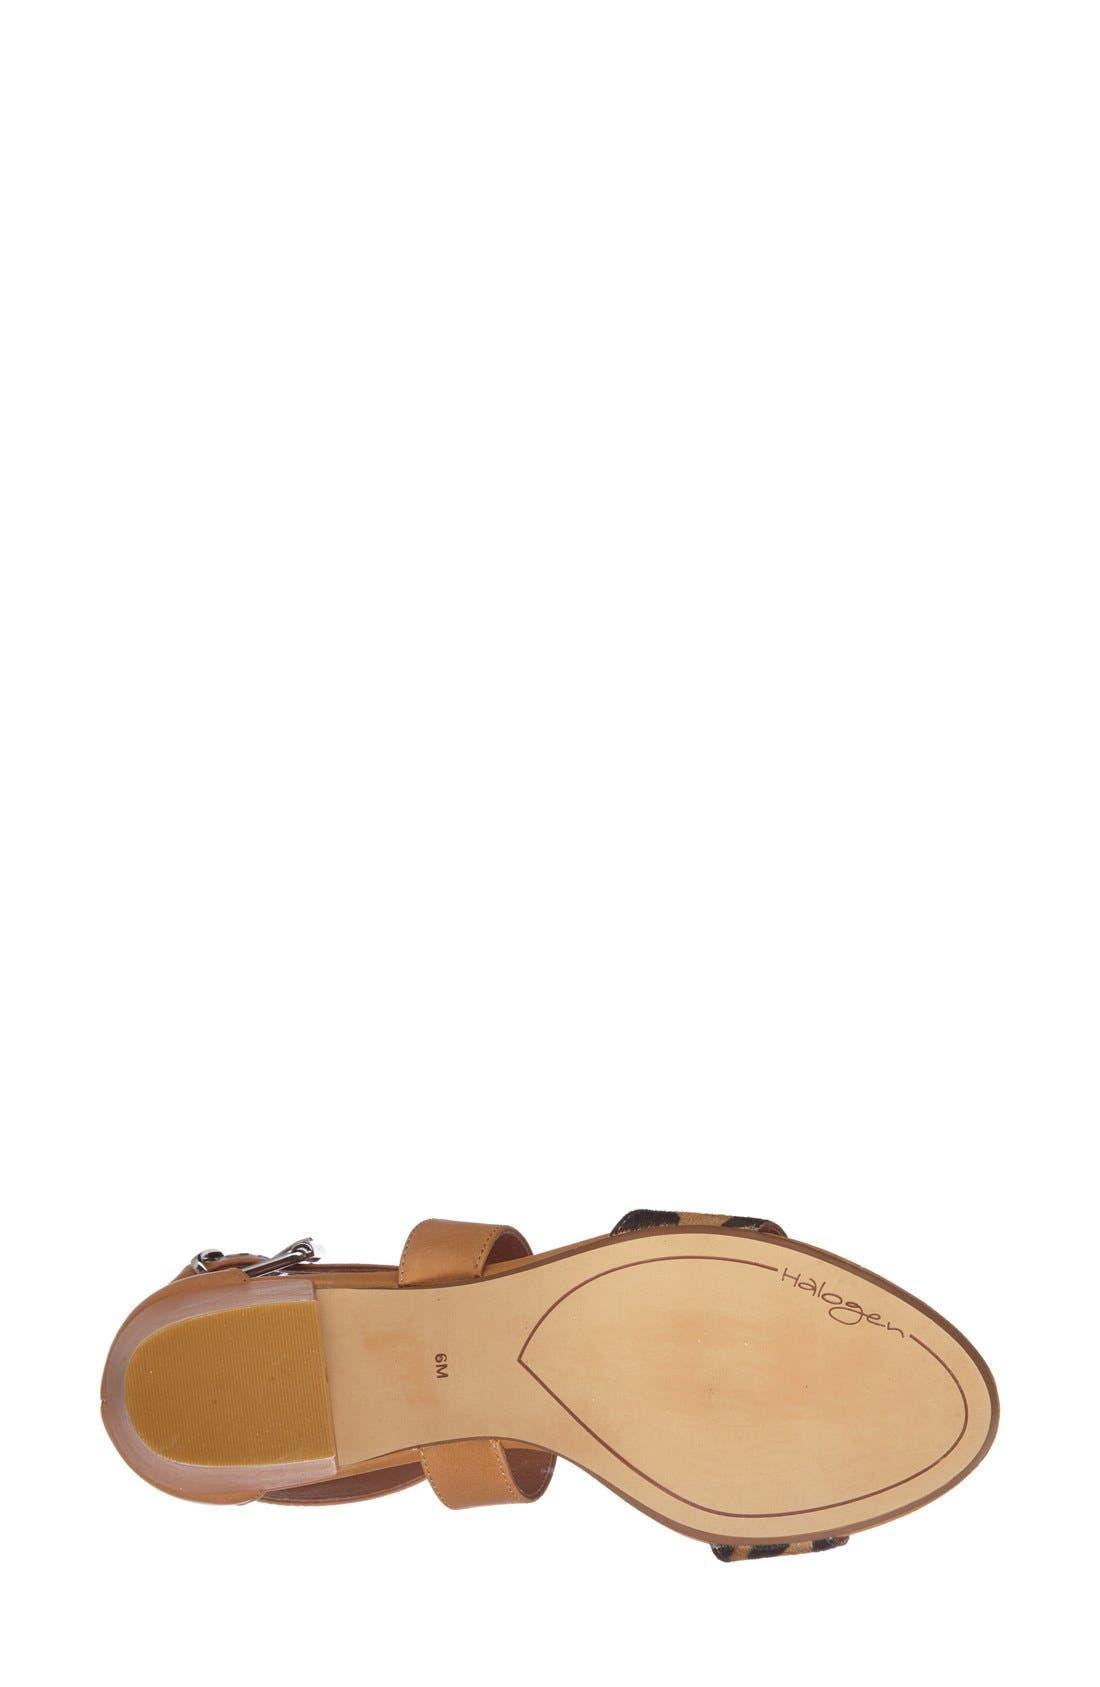 Alternate Image 4  - Halogen 'Rena' Crisscross Strap Sandal (Women)